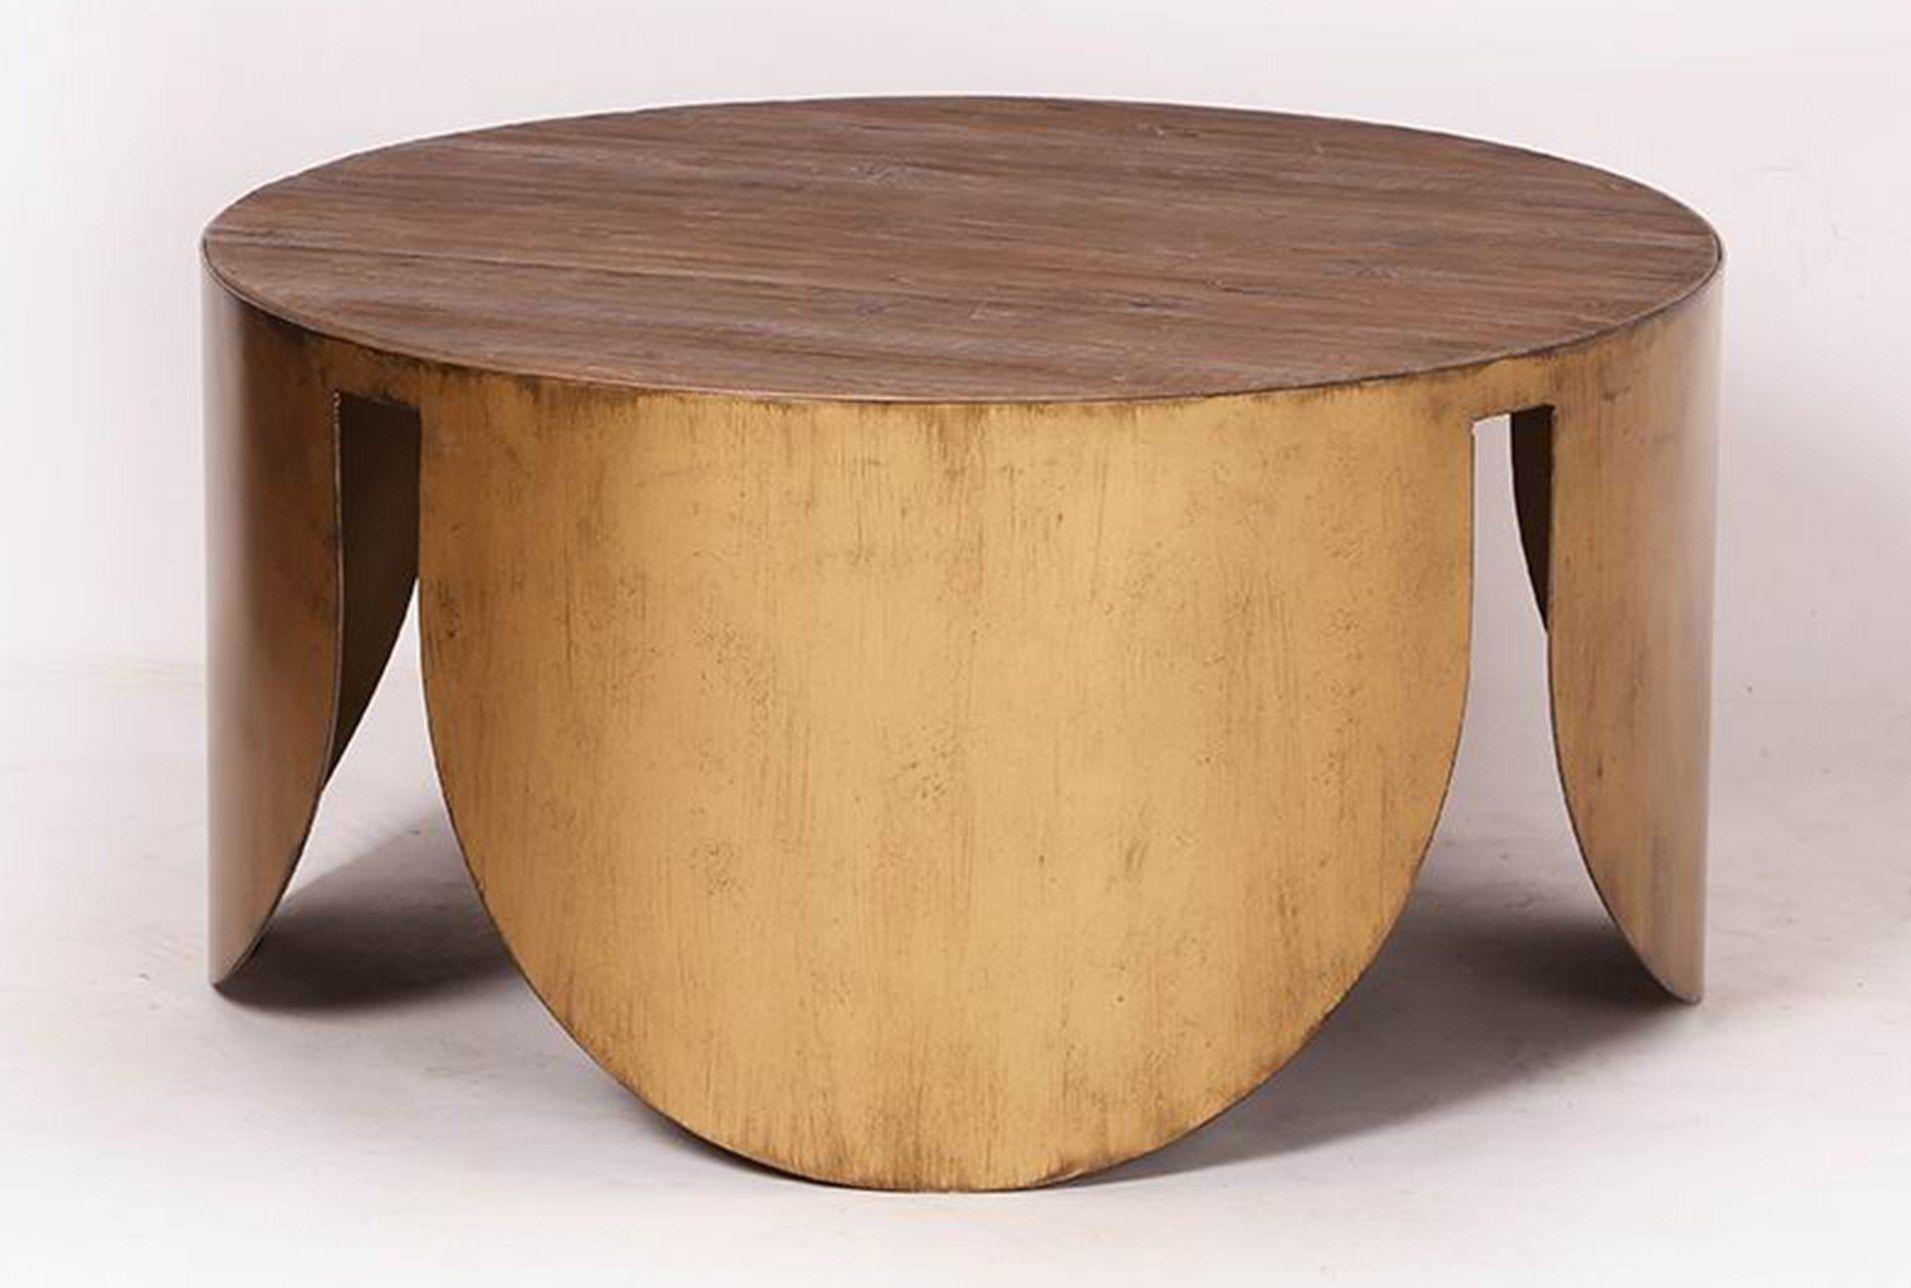 Otb Round Brass Bottom Coffee Table Coffee Table Living Spaces Buy Coffee Table Brass Coffee Table [ 1288 x 1911 Pixel ]